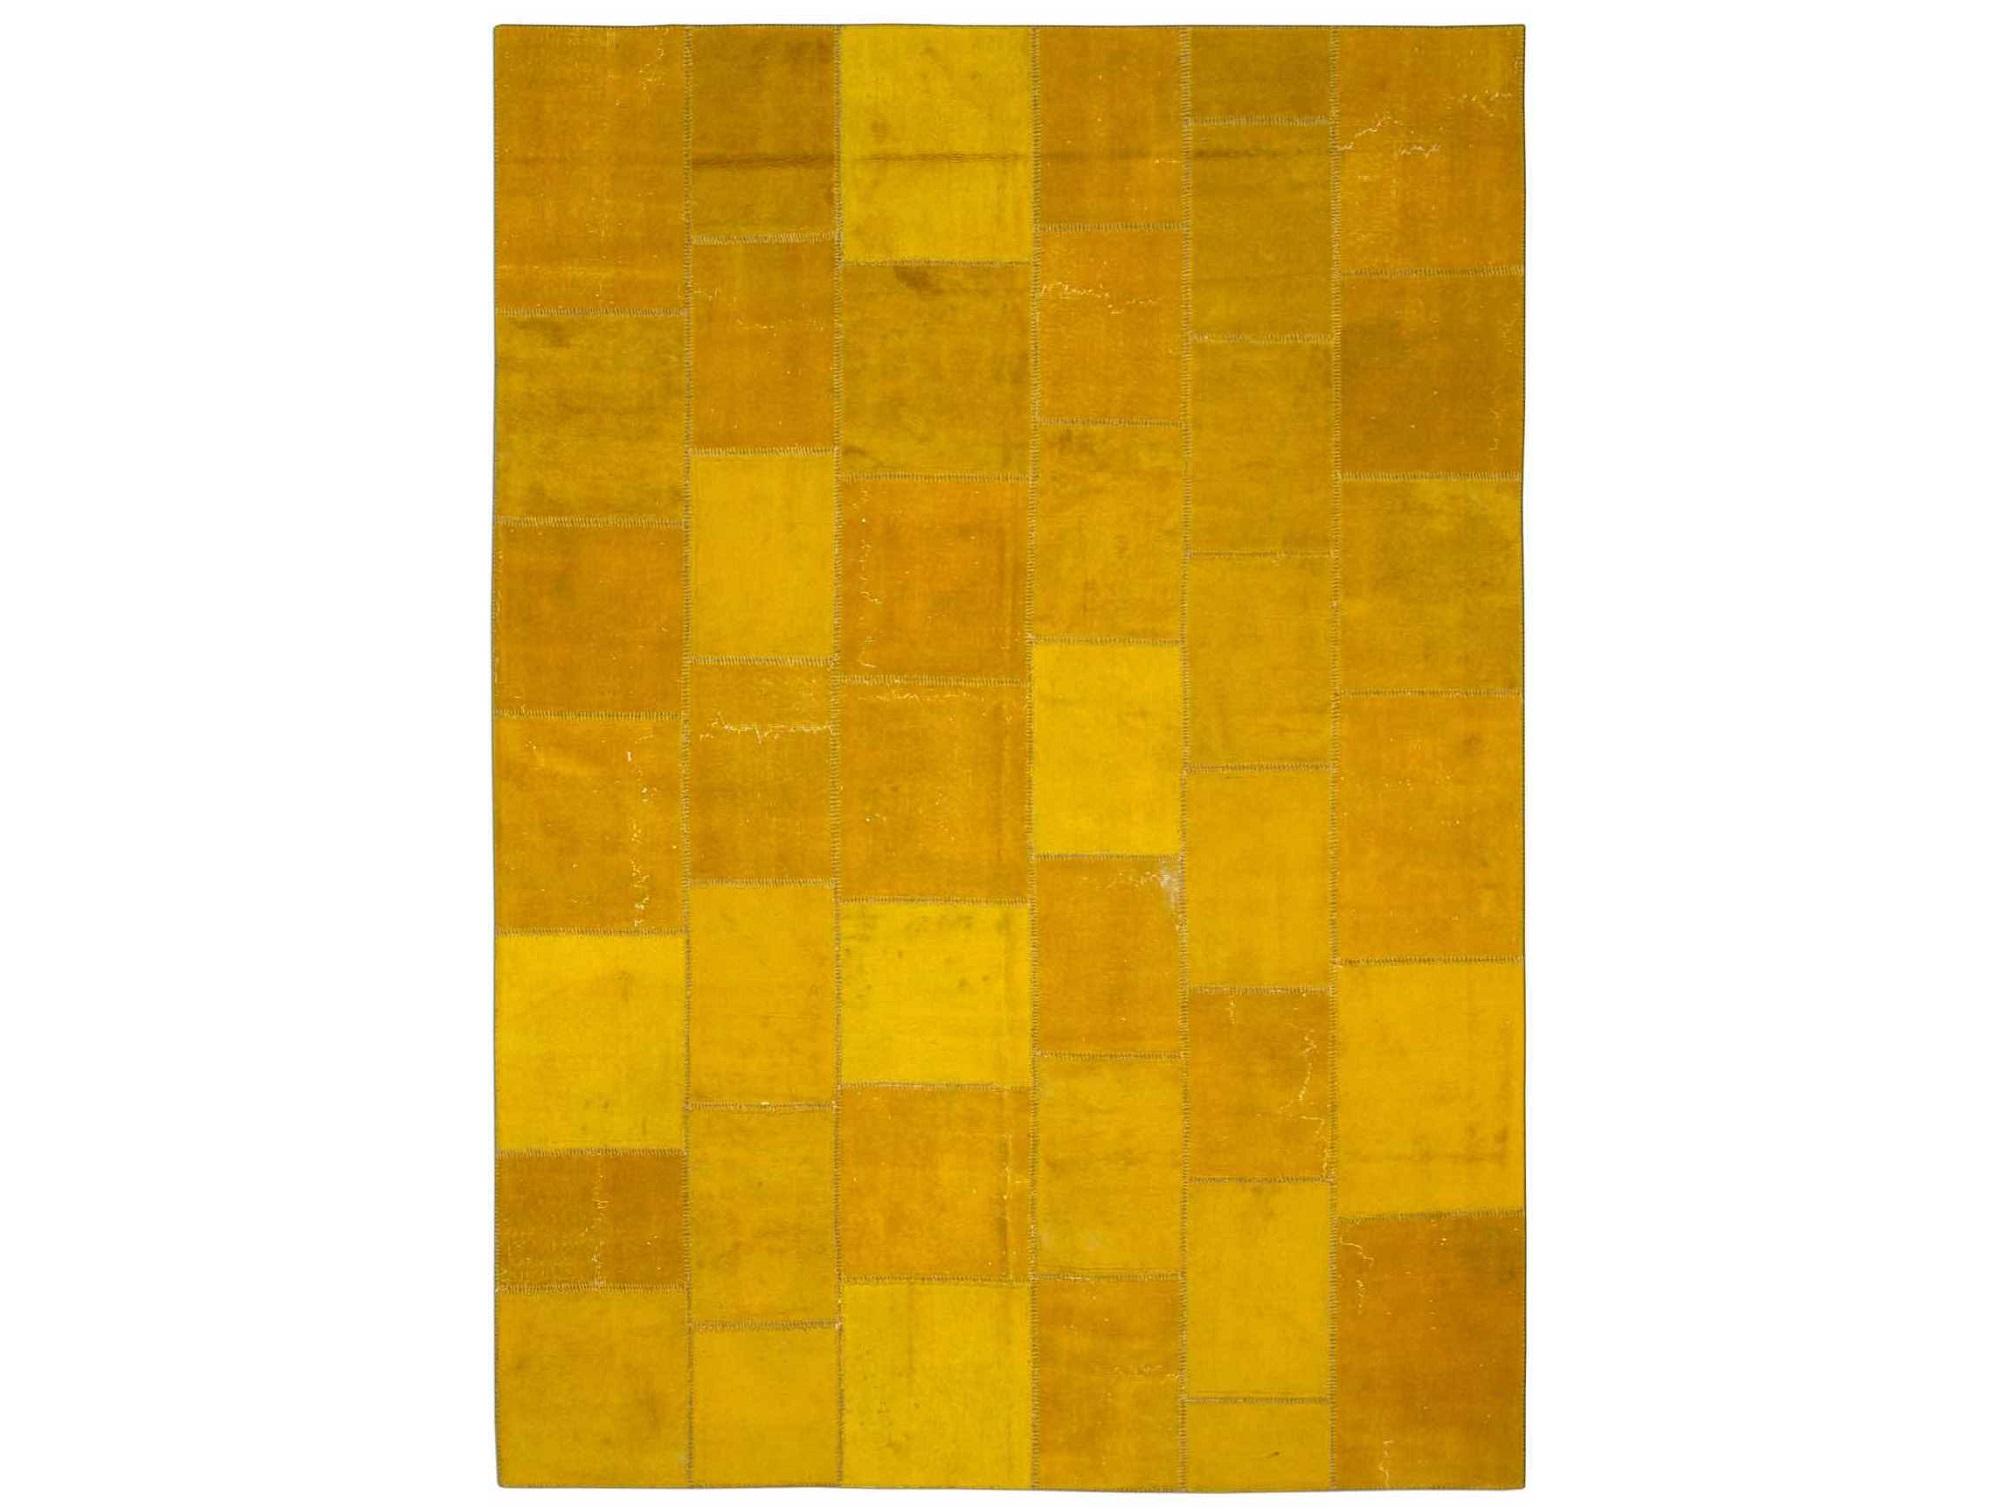 Ковер PatchworkПрямоугольные ковры<br>Винтажный ковер ручной работы в стиле &amp;quot;пэчворк&amp;quot; из 100% шерсти. Ковер прекрасно подходит в любые современные и классические интерьеры, а благодаря толщине ковра всего 5 мм и отсутствию&amp;amp;nbsp; ворса, его легко чистить любыми видами пылесосов. Этот настоящий ковер ручной работы не потеряет своих красок и будет служить десятилетия.<br><br>Material: Шерсть<br>Ширина см: 230<br>Глубина см: 334